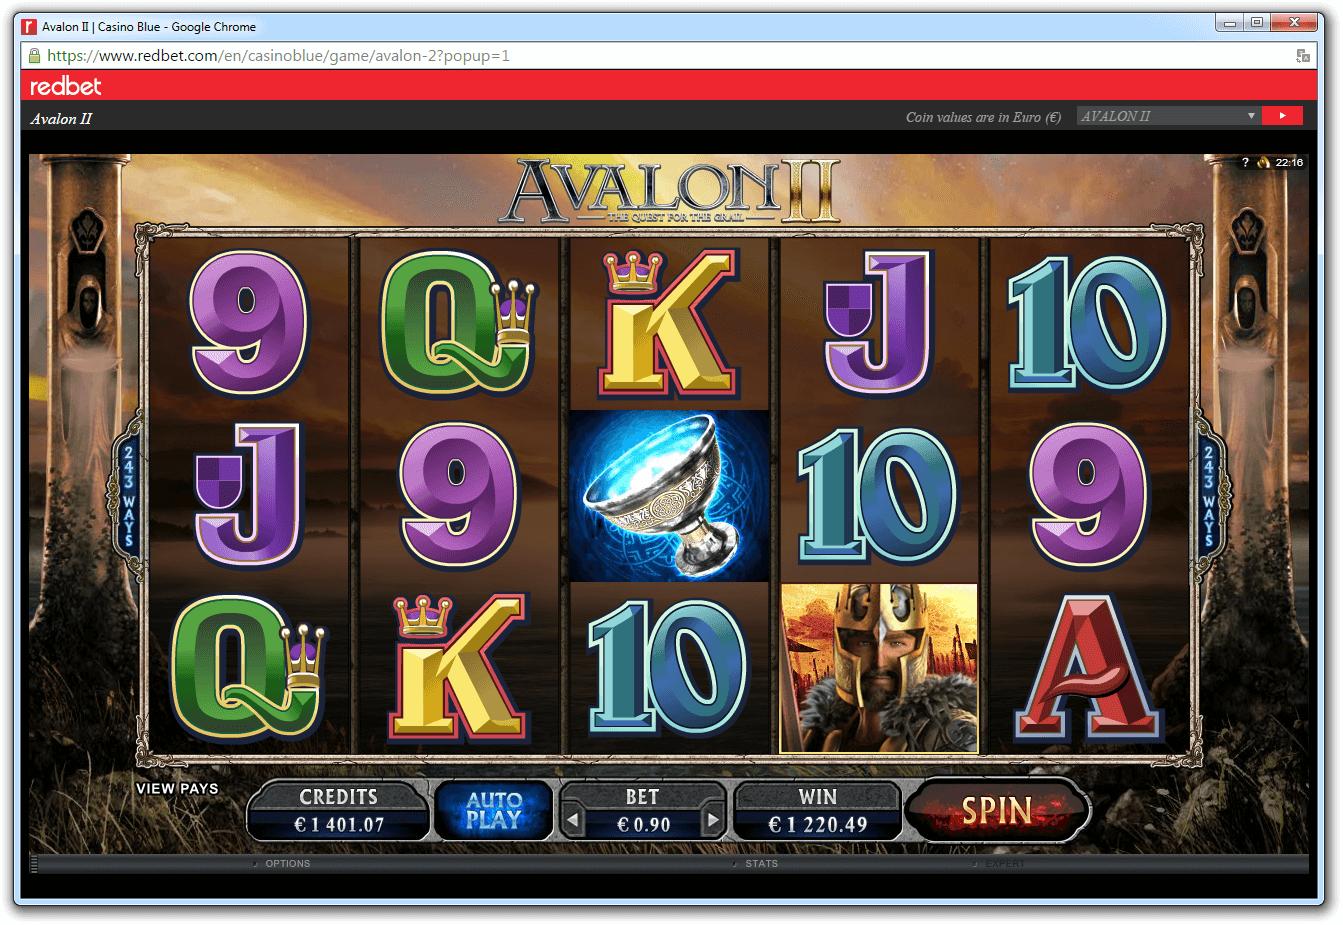 Выиграл 1220 долларов в слот Avalon II